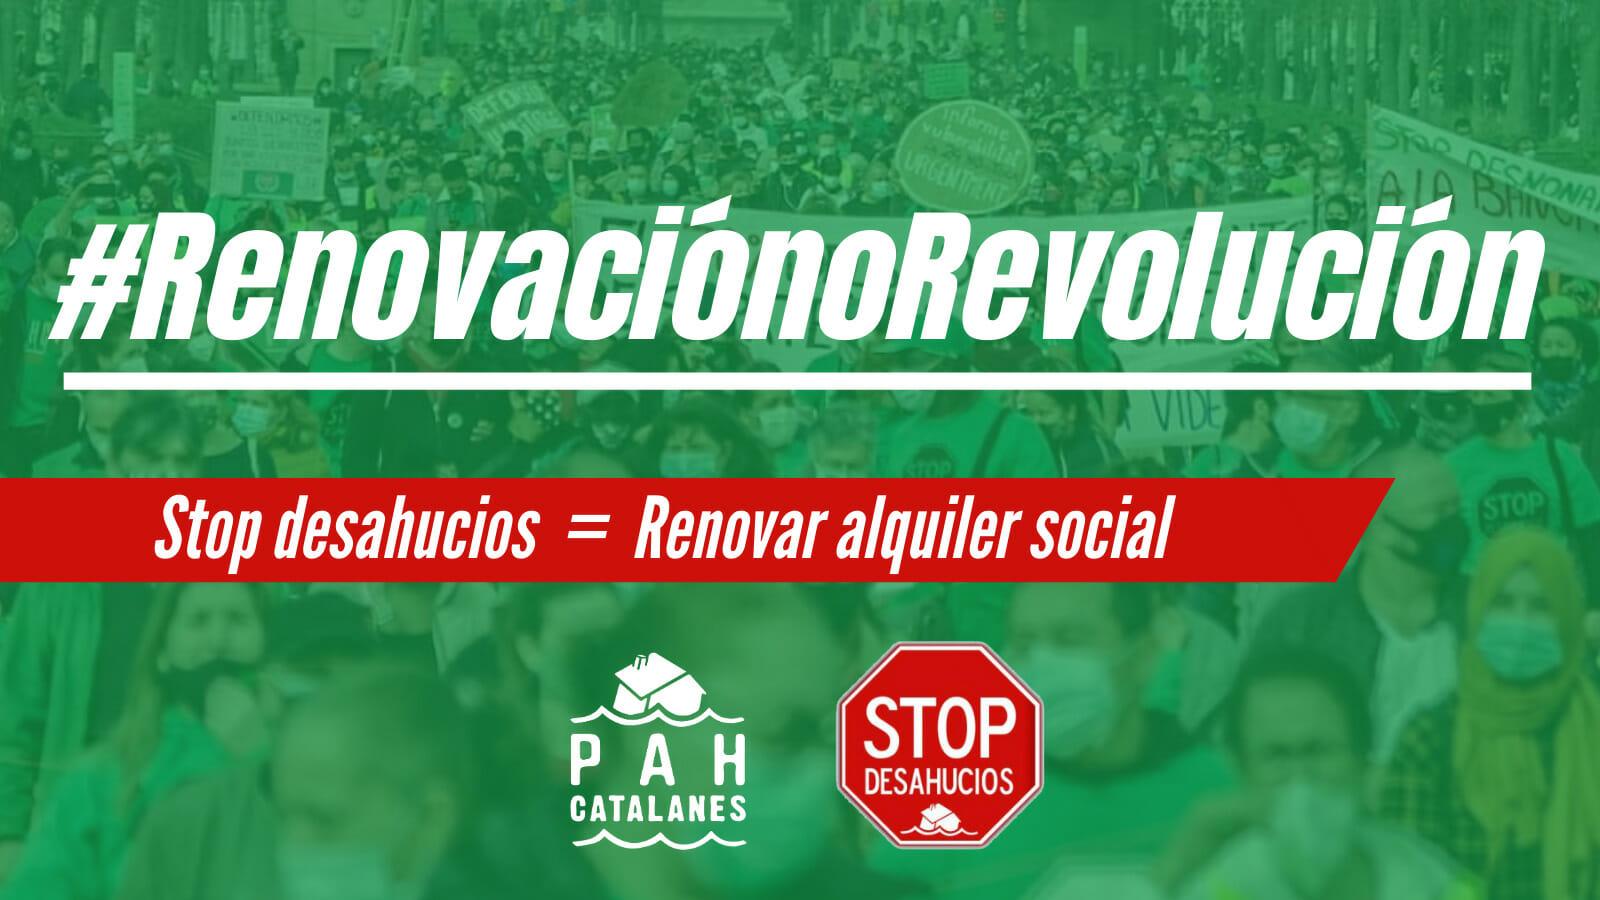 You are currently viewing Renovació o revolució